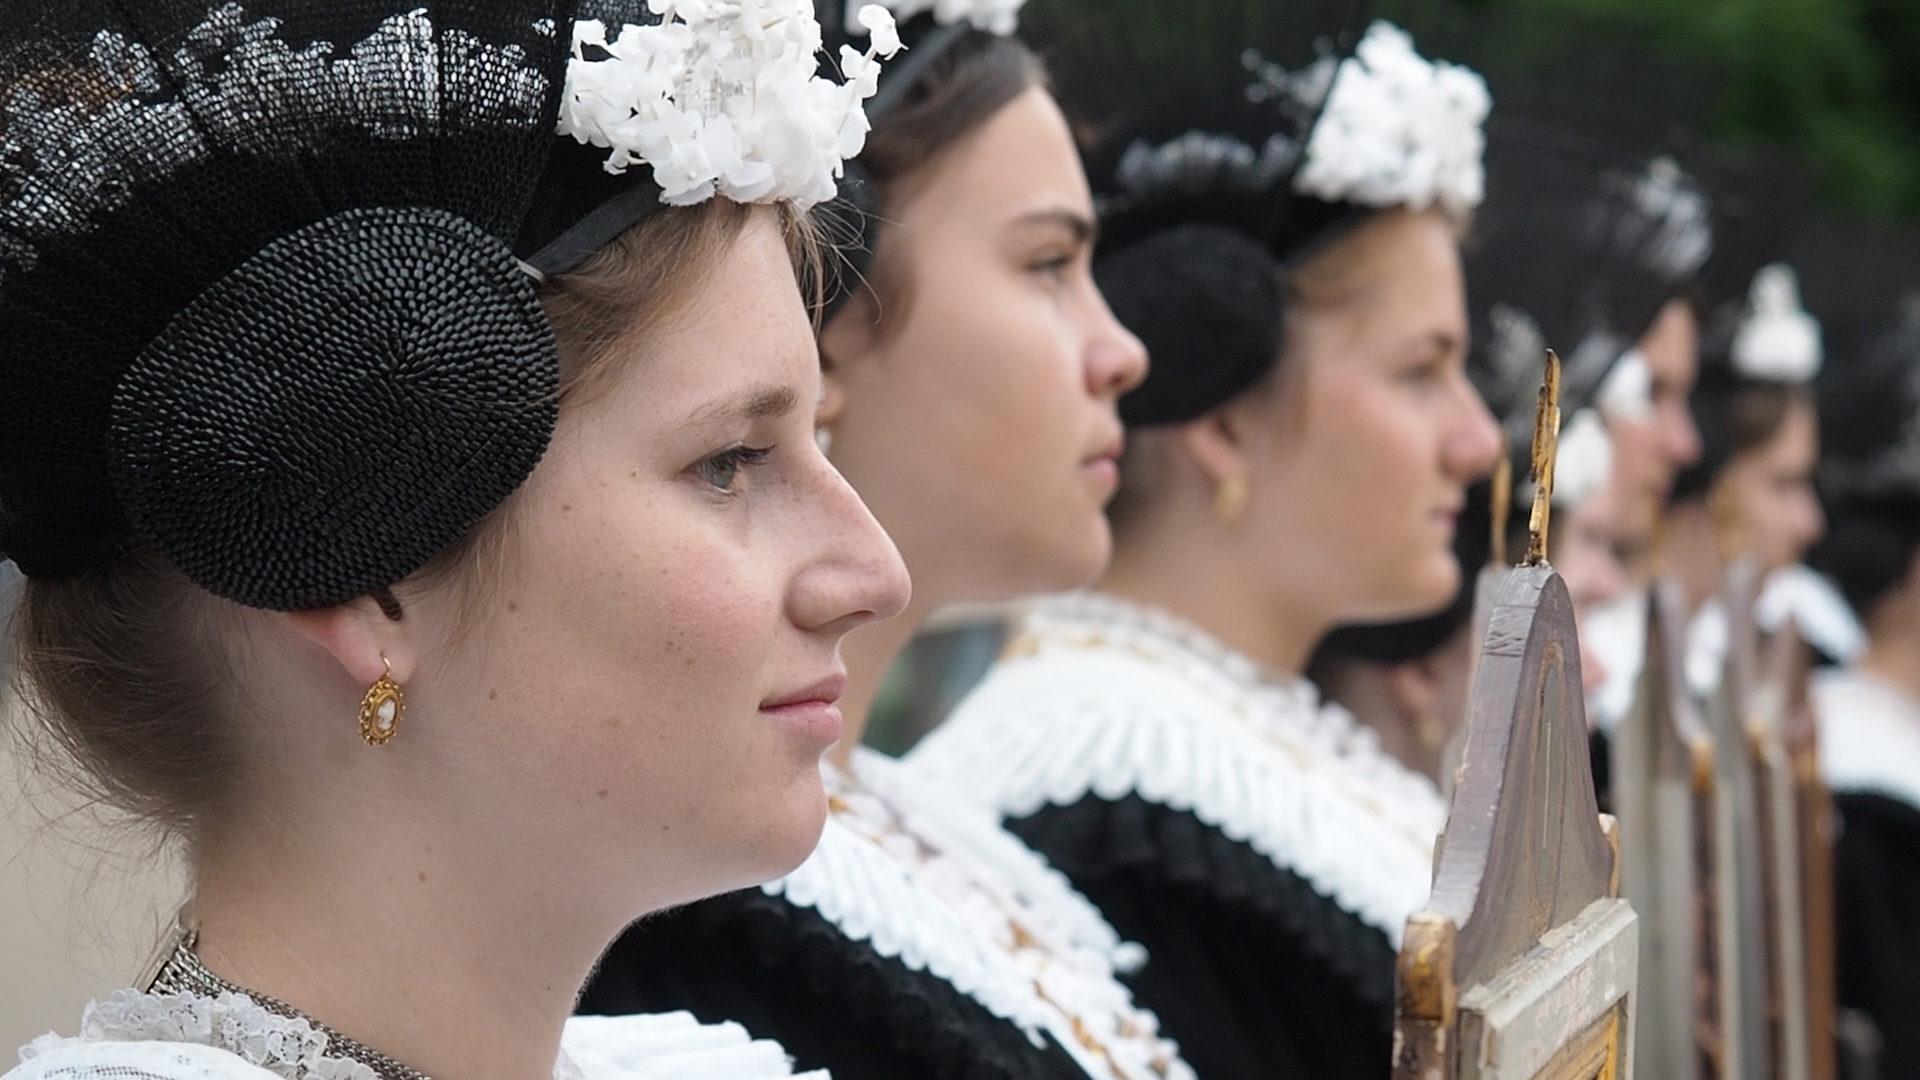 Nadine Brülisauer ist die Chefin der Täfelimeedle - an Fronleichnam führt sie die Tafelträgerinnen an. | © Ueli Abt